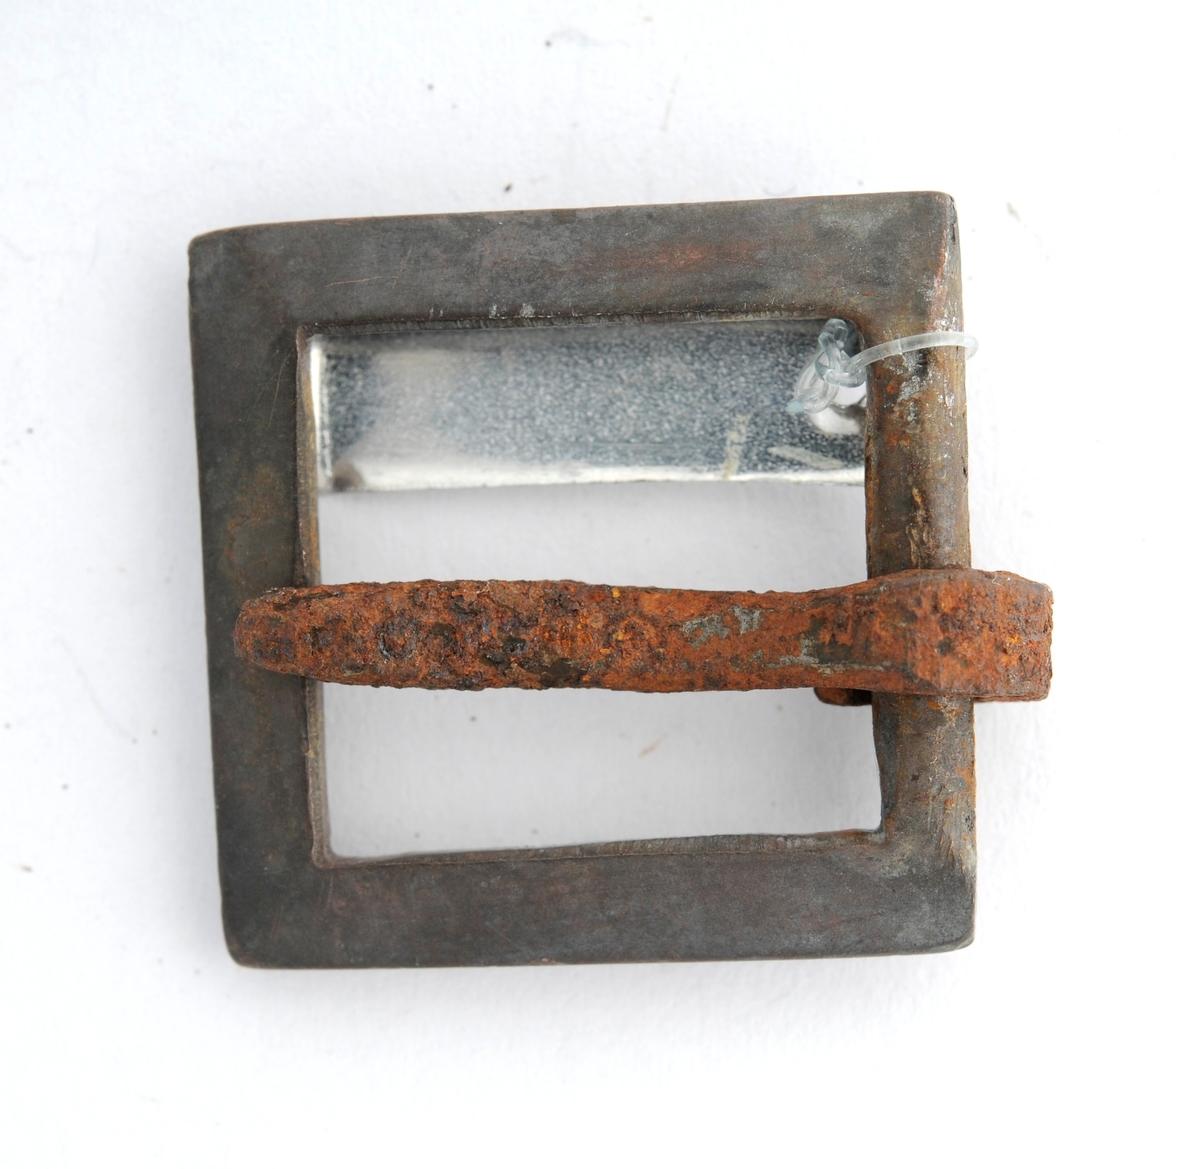 Spenne støypt i jern. Rektangulær form. Tann er smidd rundt stolpen på eine sida.